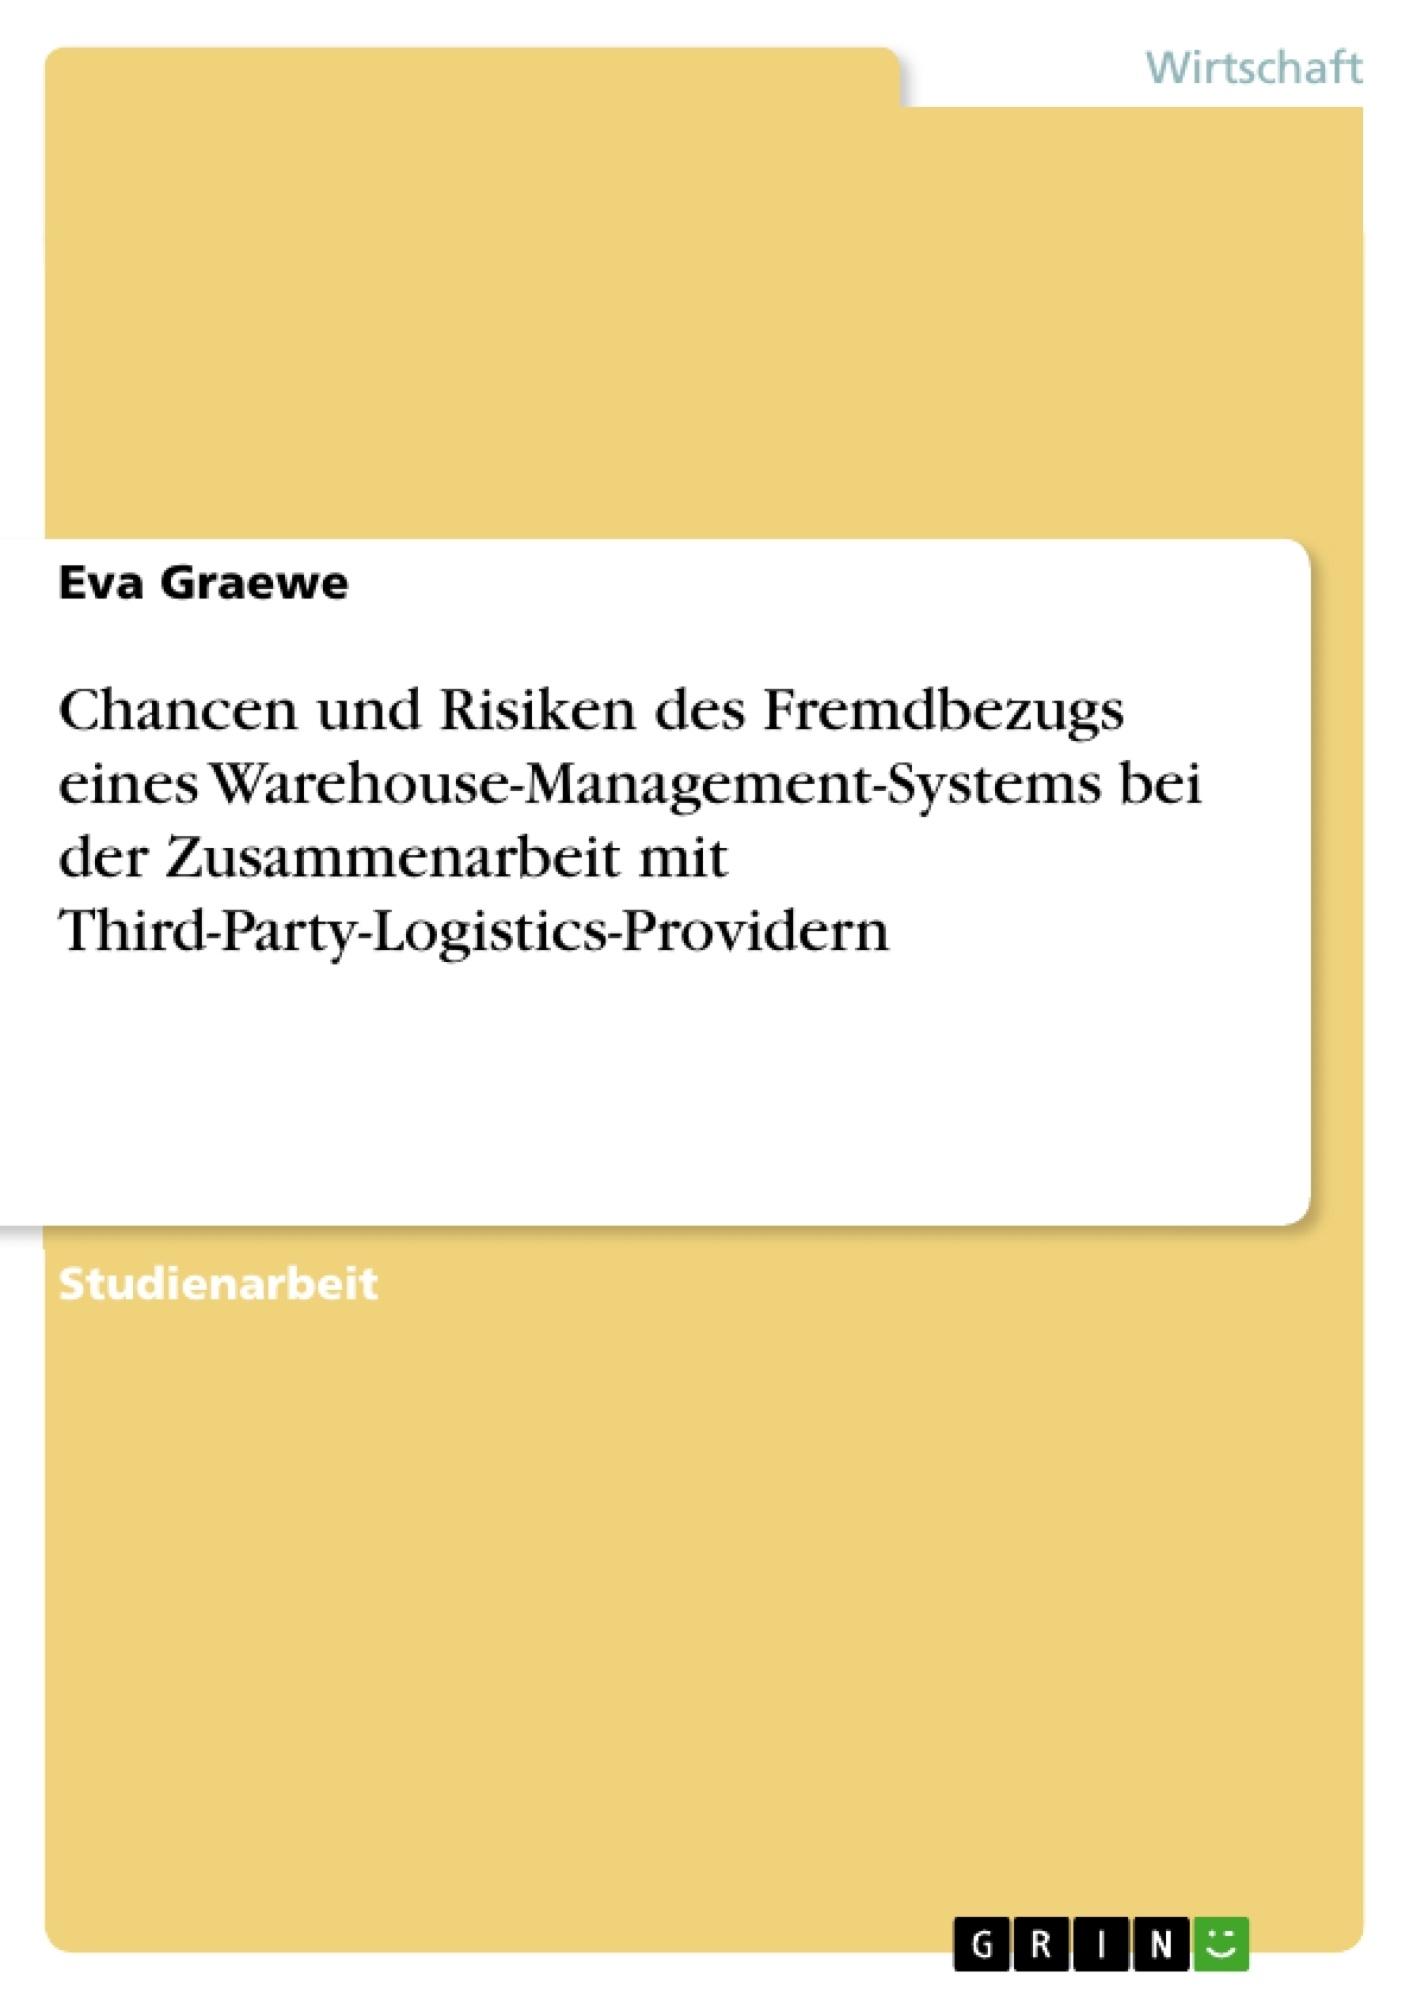 Titel: Chancen und Risiken des Fremdbezugs eines Warehouse-Management-Systems bei der Zusammenarbeit mit Third-Party-Logistics-Providern